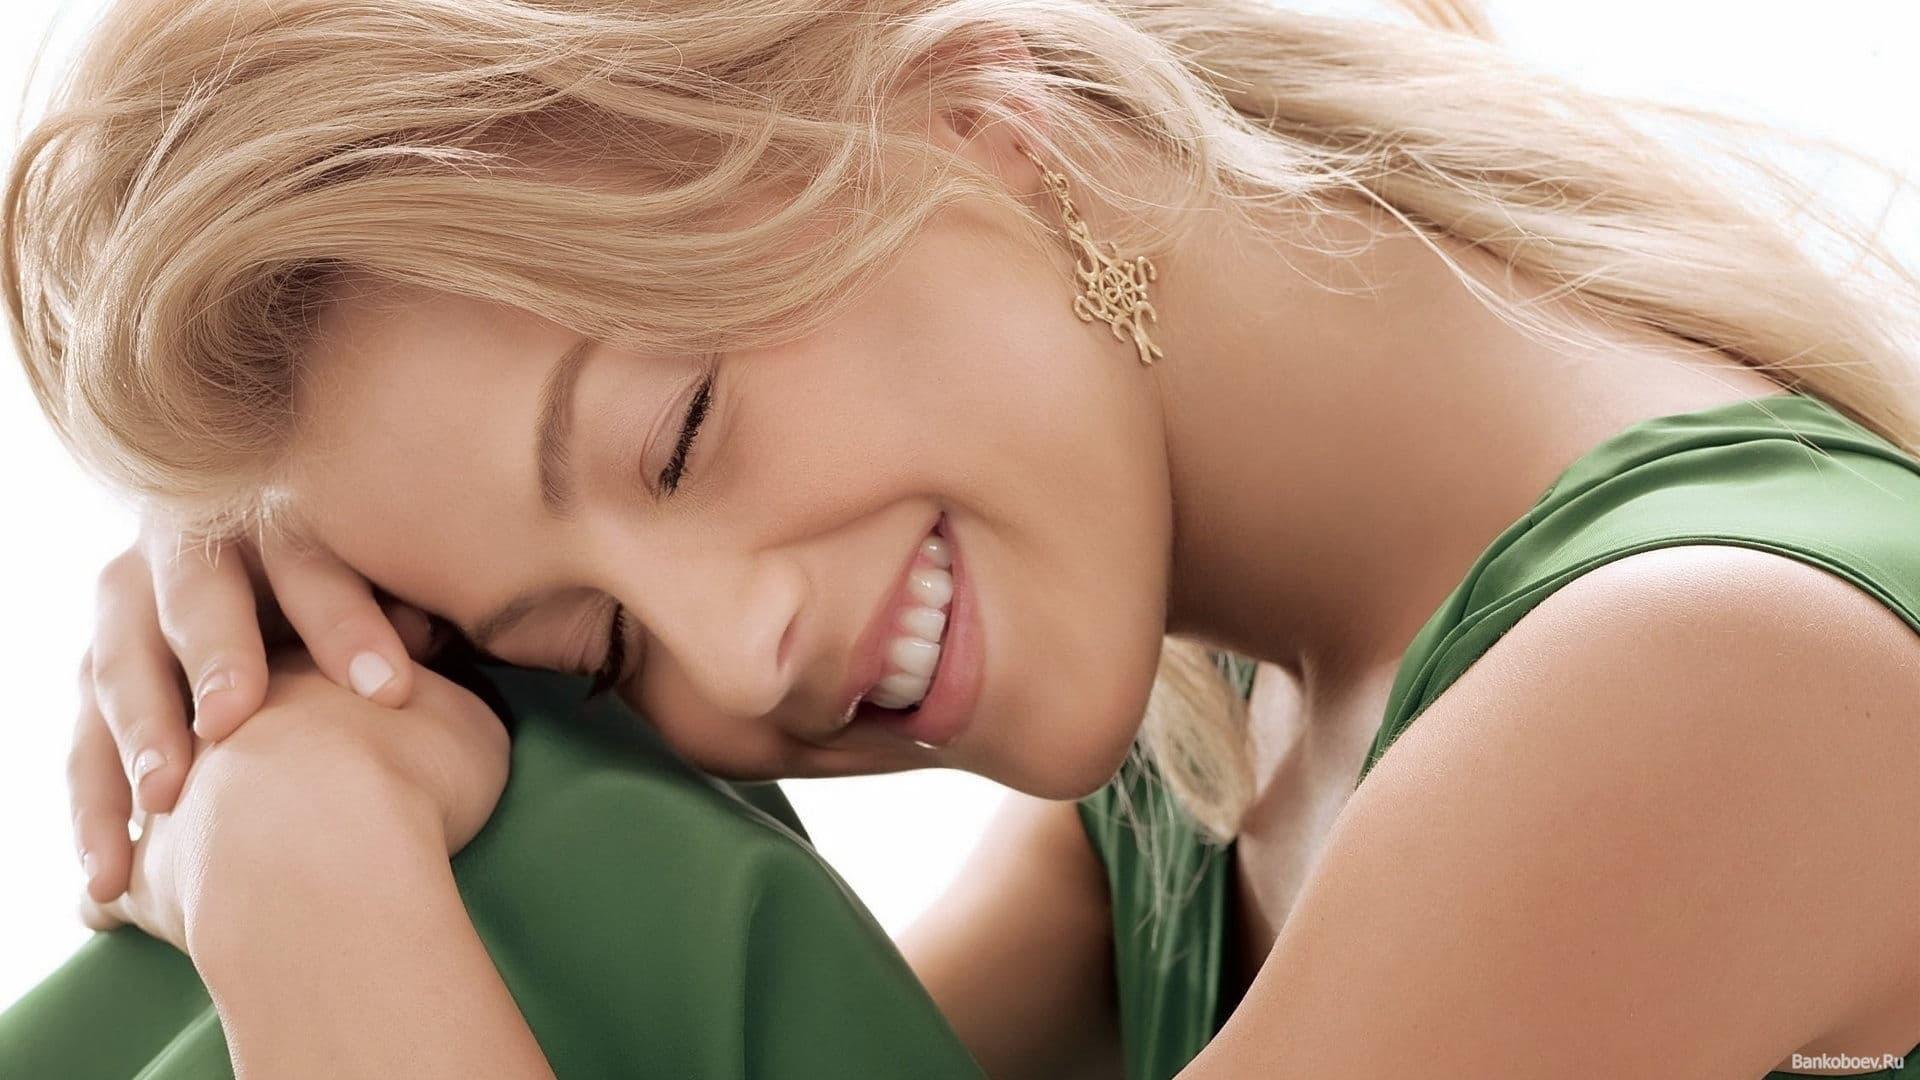 Необходимые условия для здоровья и счастливой жизни